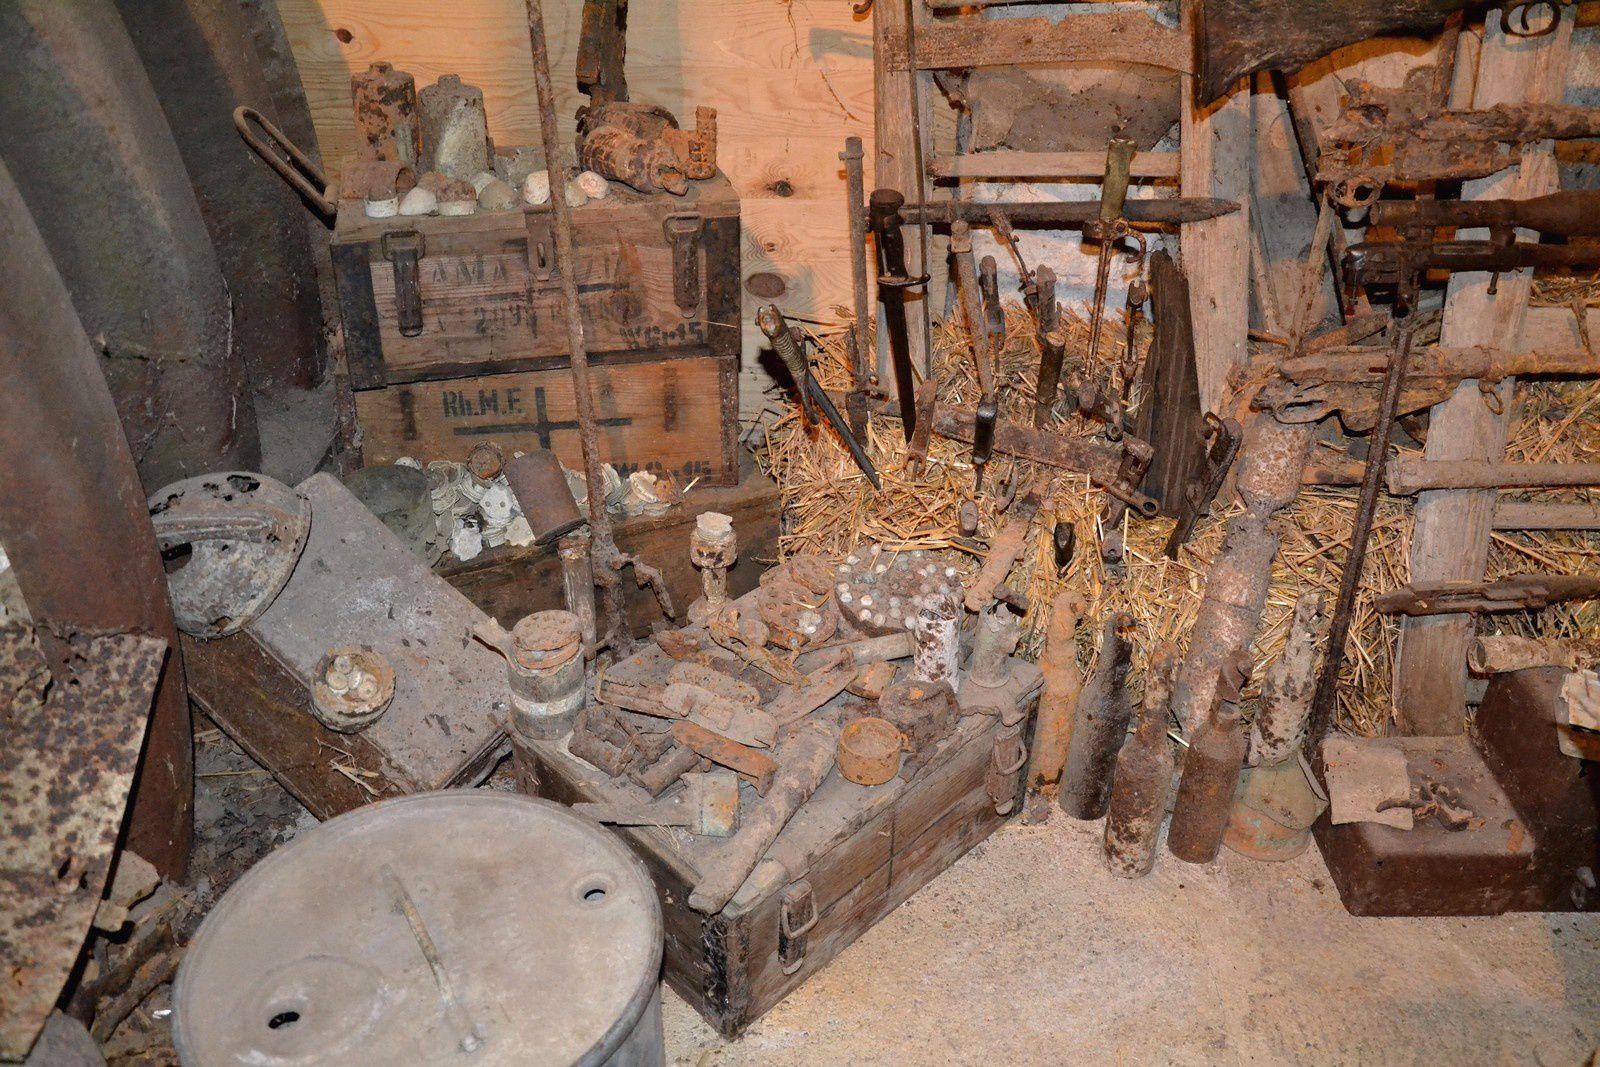 La grange-musée de Romagne-sous-Montfaucon